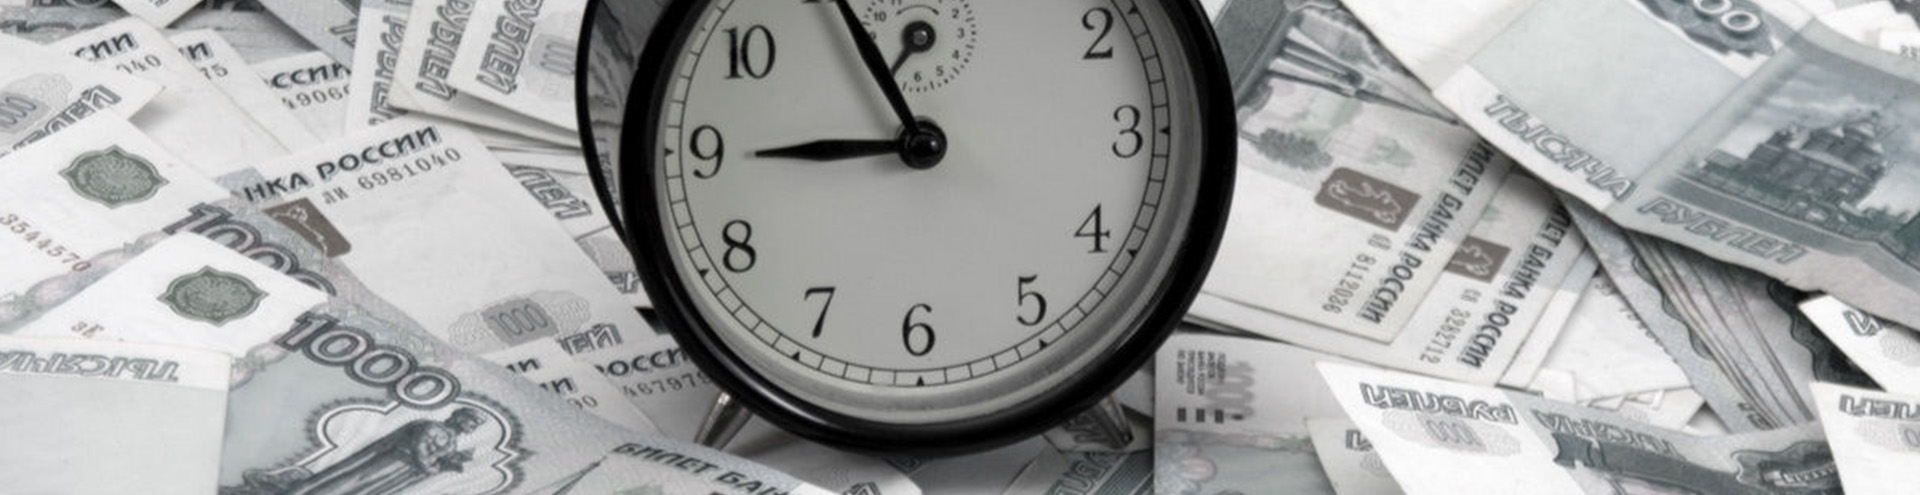 судебное взыскание долгов в Липецке и Липецкой области